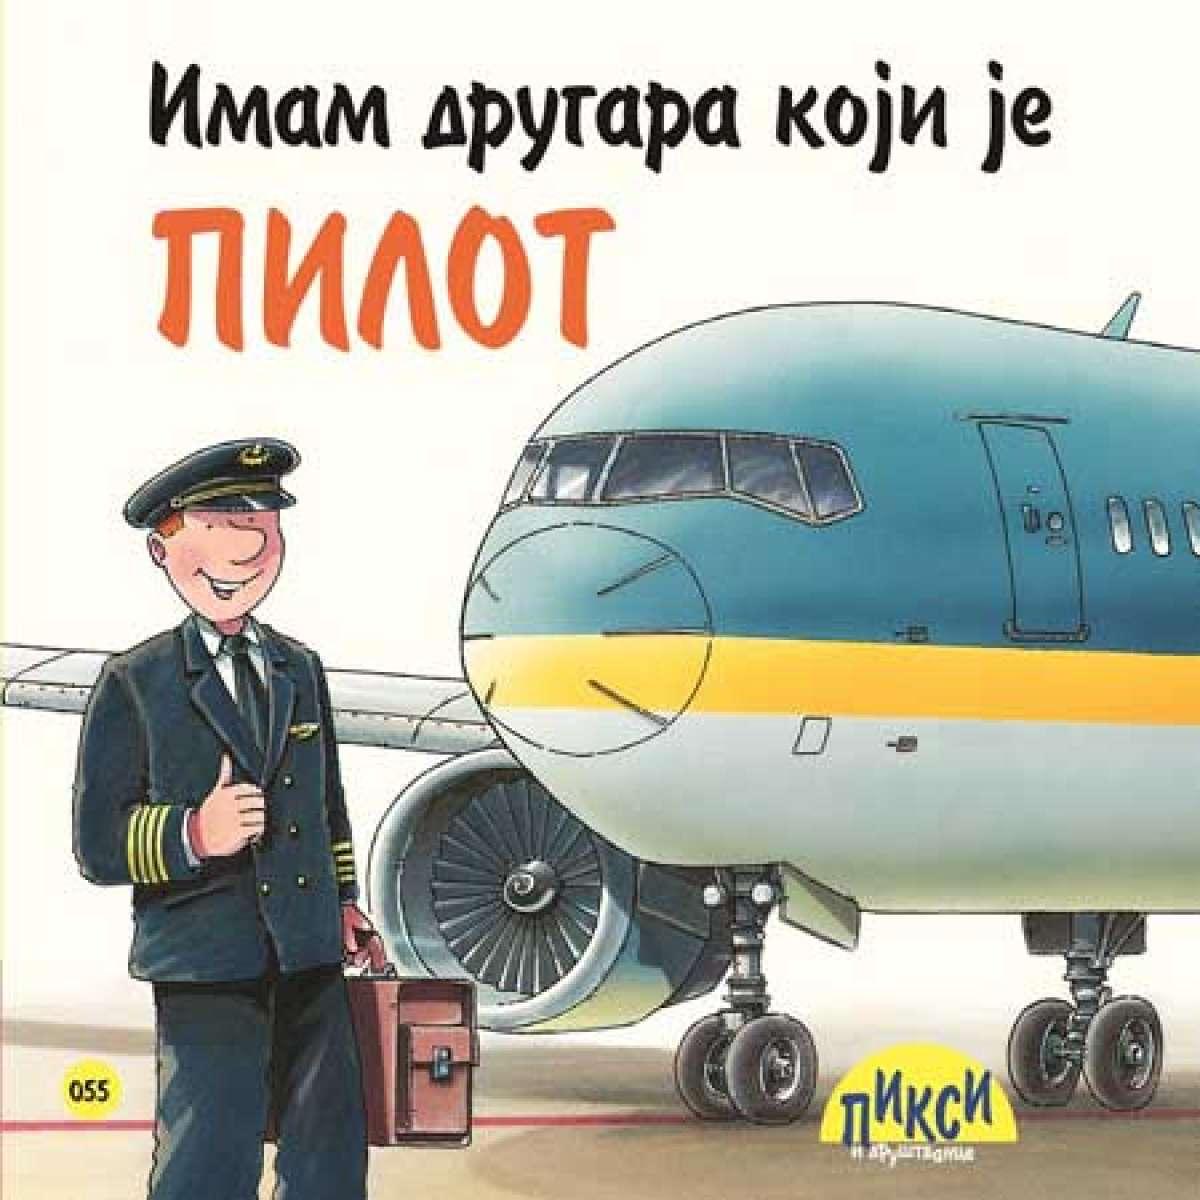 IMAM DRUGARA KOJI JE PILOT